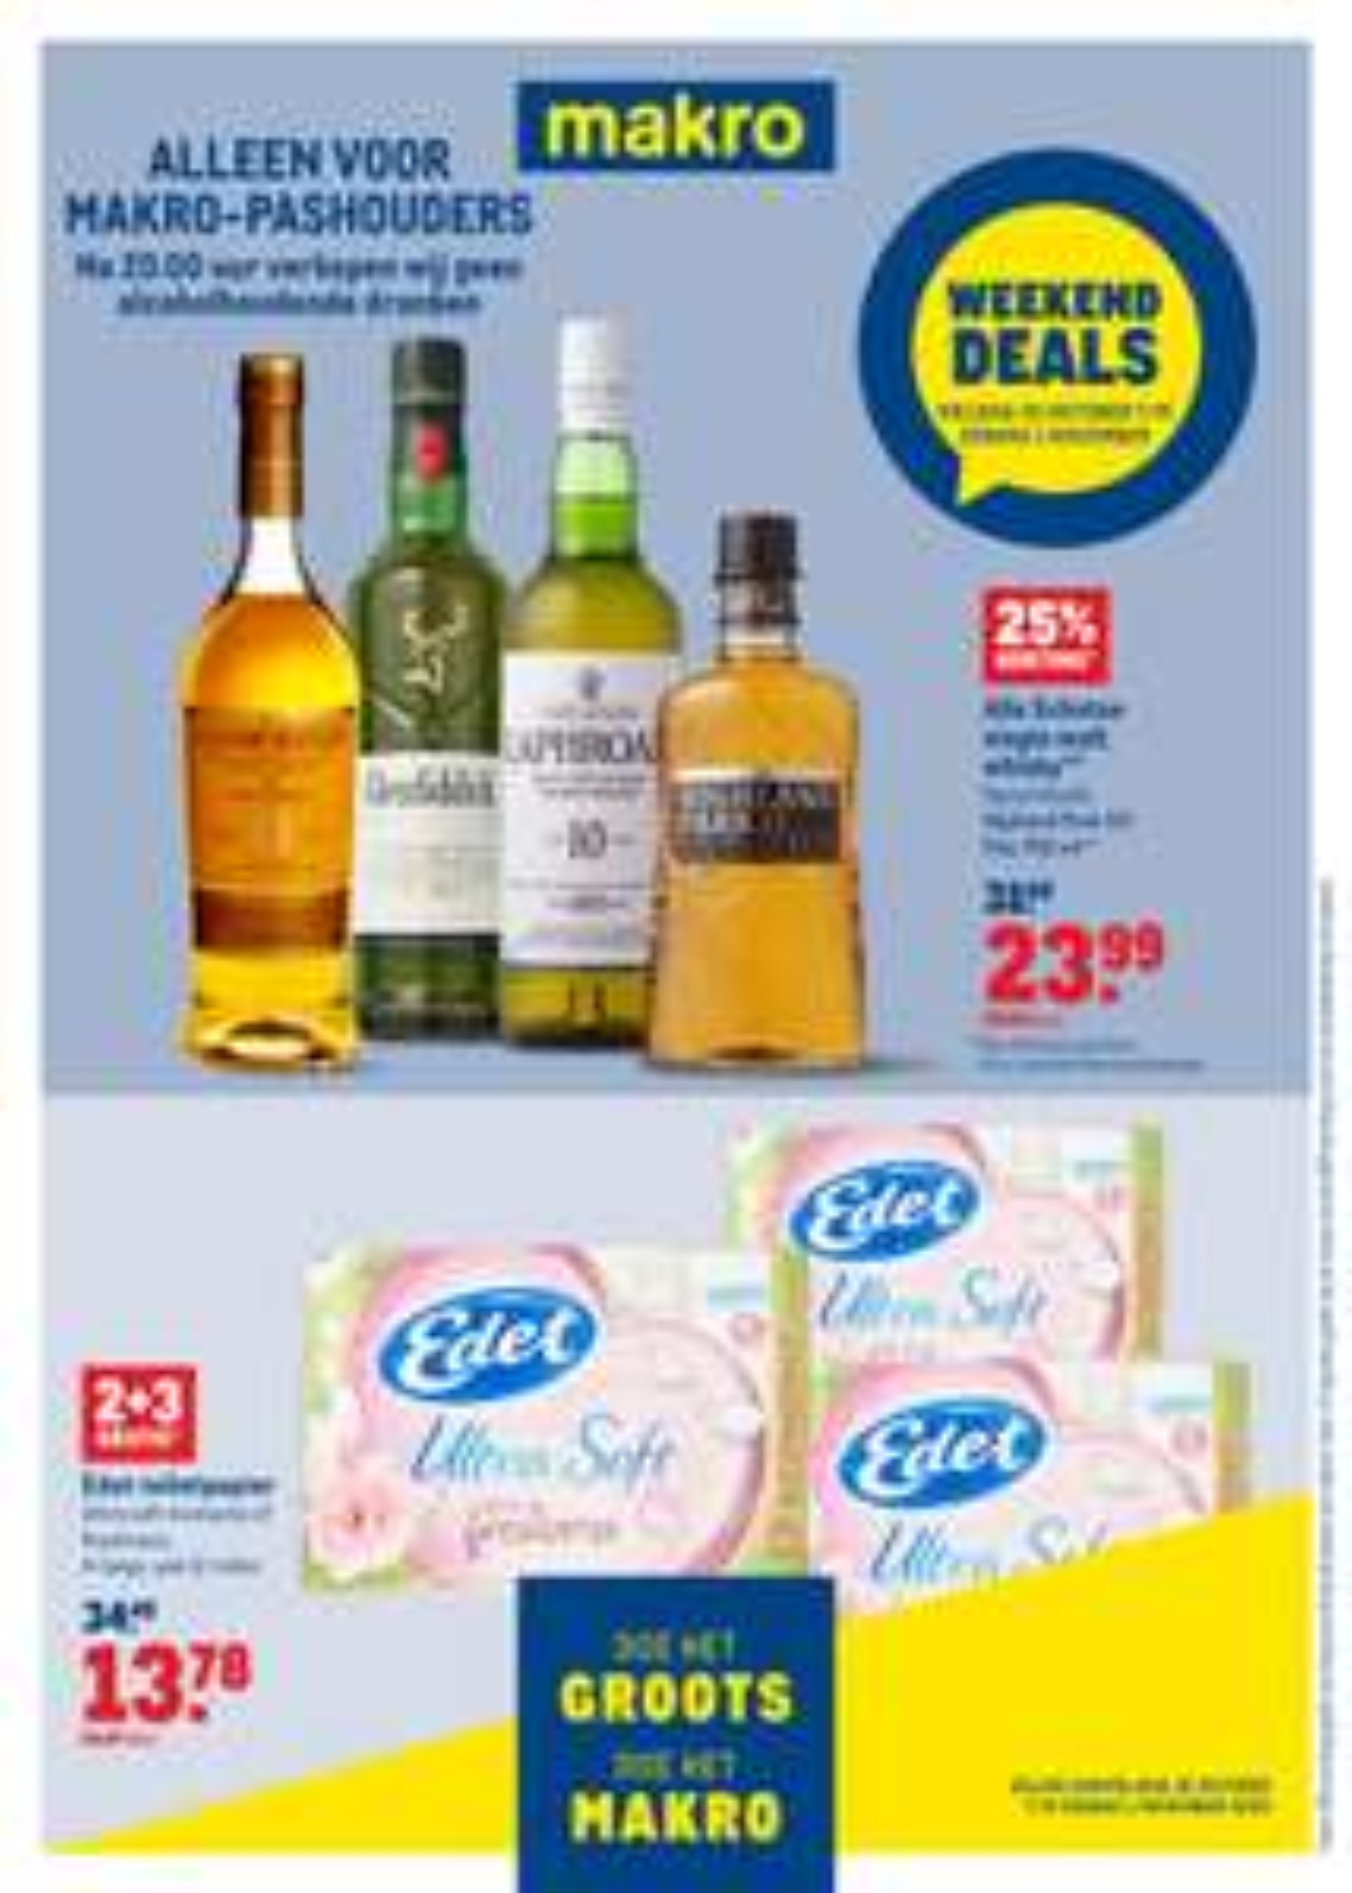 Edet Toiletpapier 2+3 gratis & 25% korting op whisky @Makro